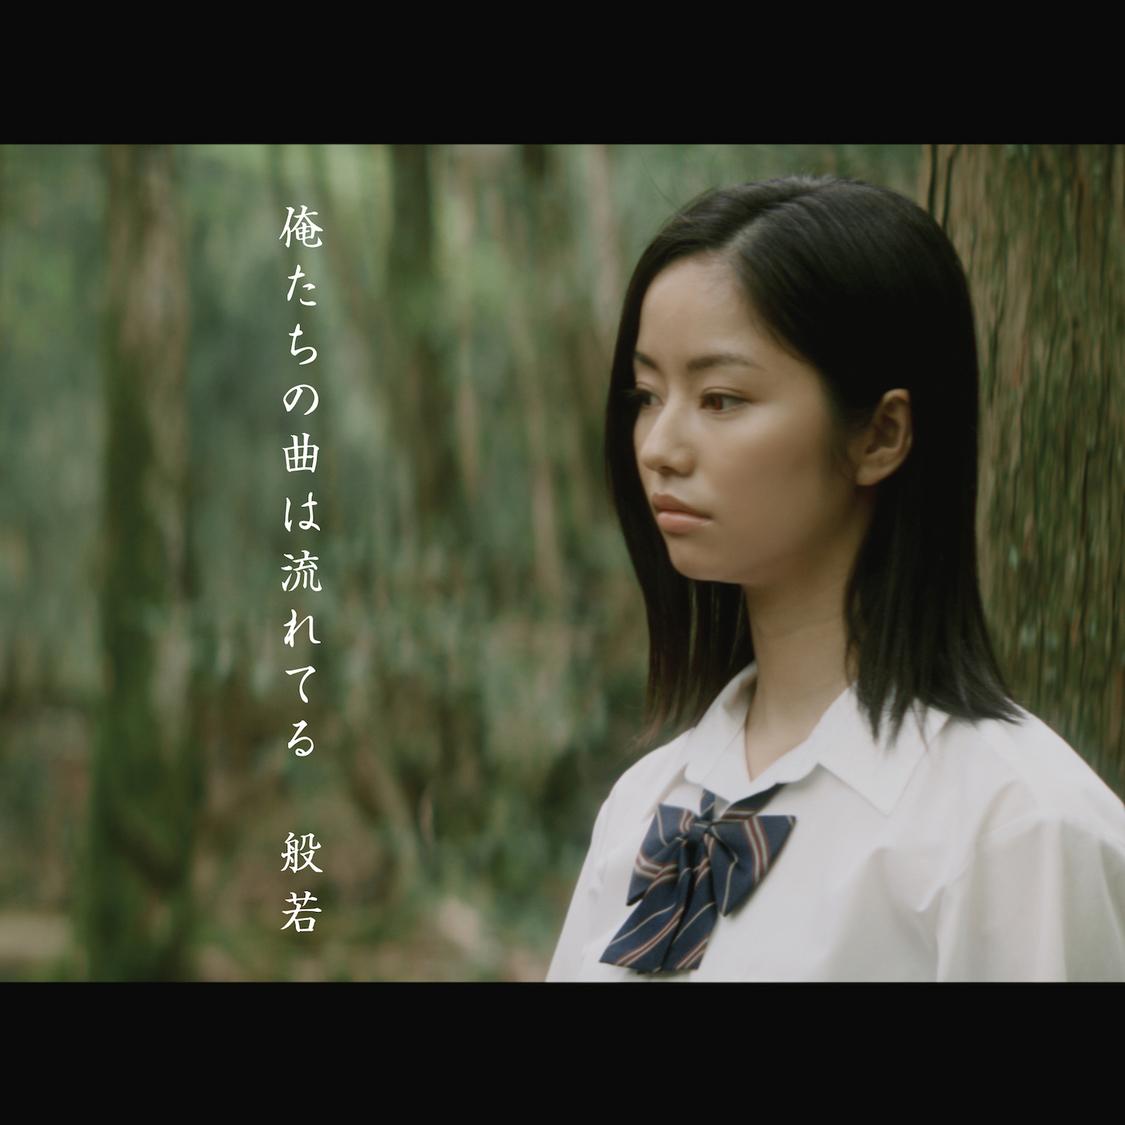 劇団4ドル50セント 前田悠雅、般若の新曲「俺たちの曲は流れてる」MV出演!「忘れられない1日になりました」